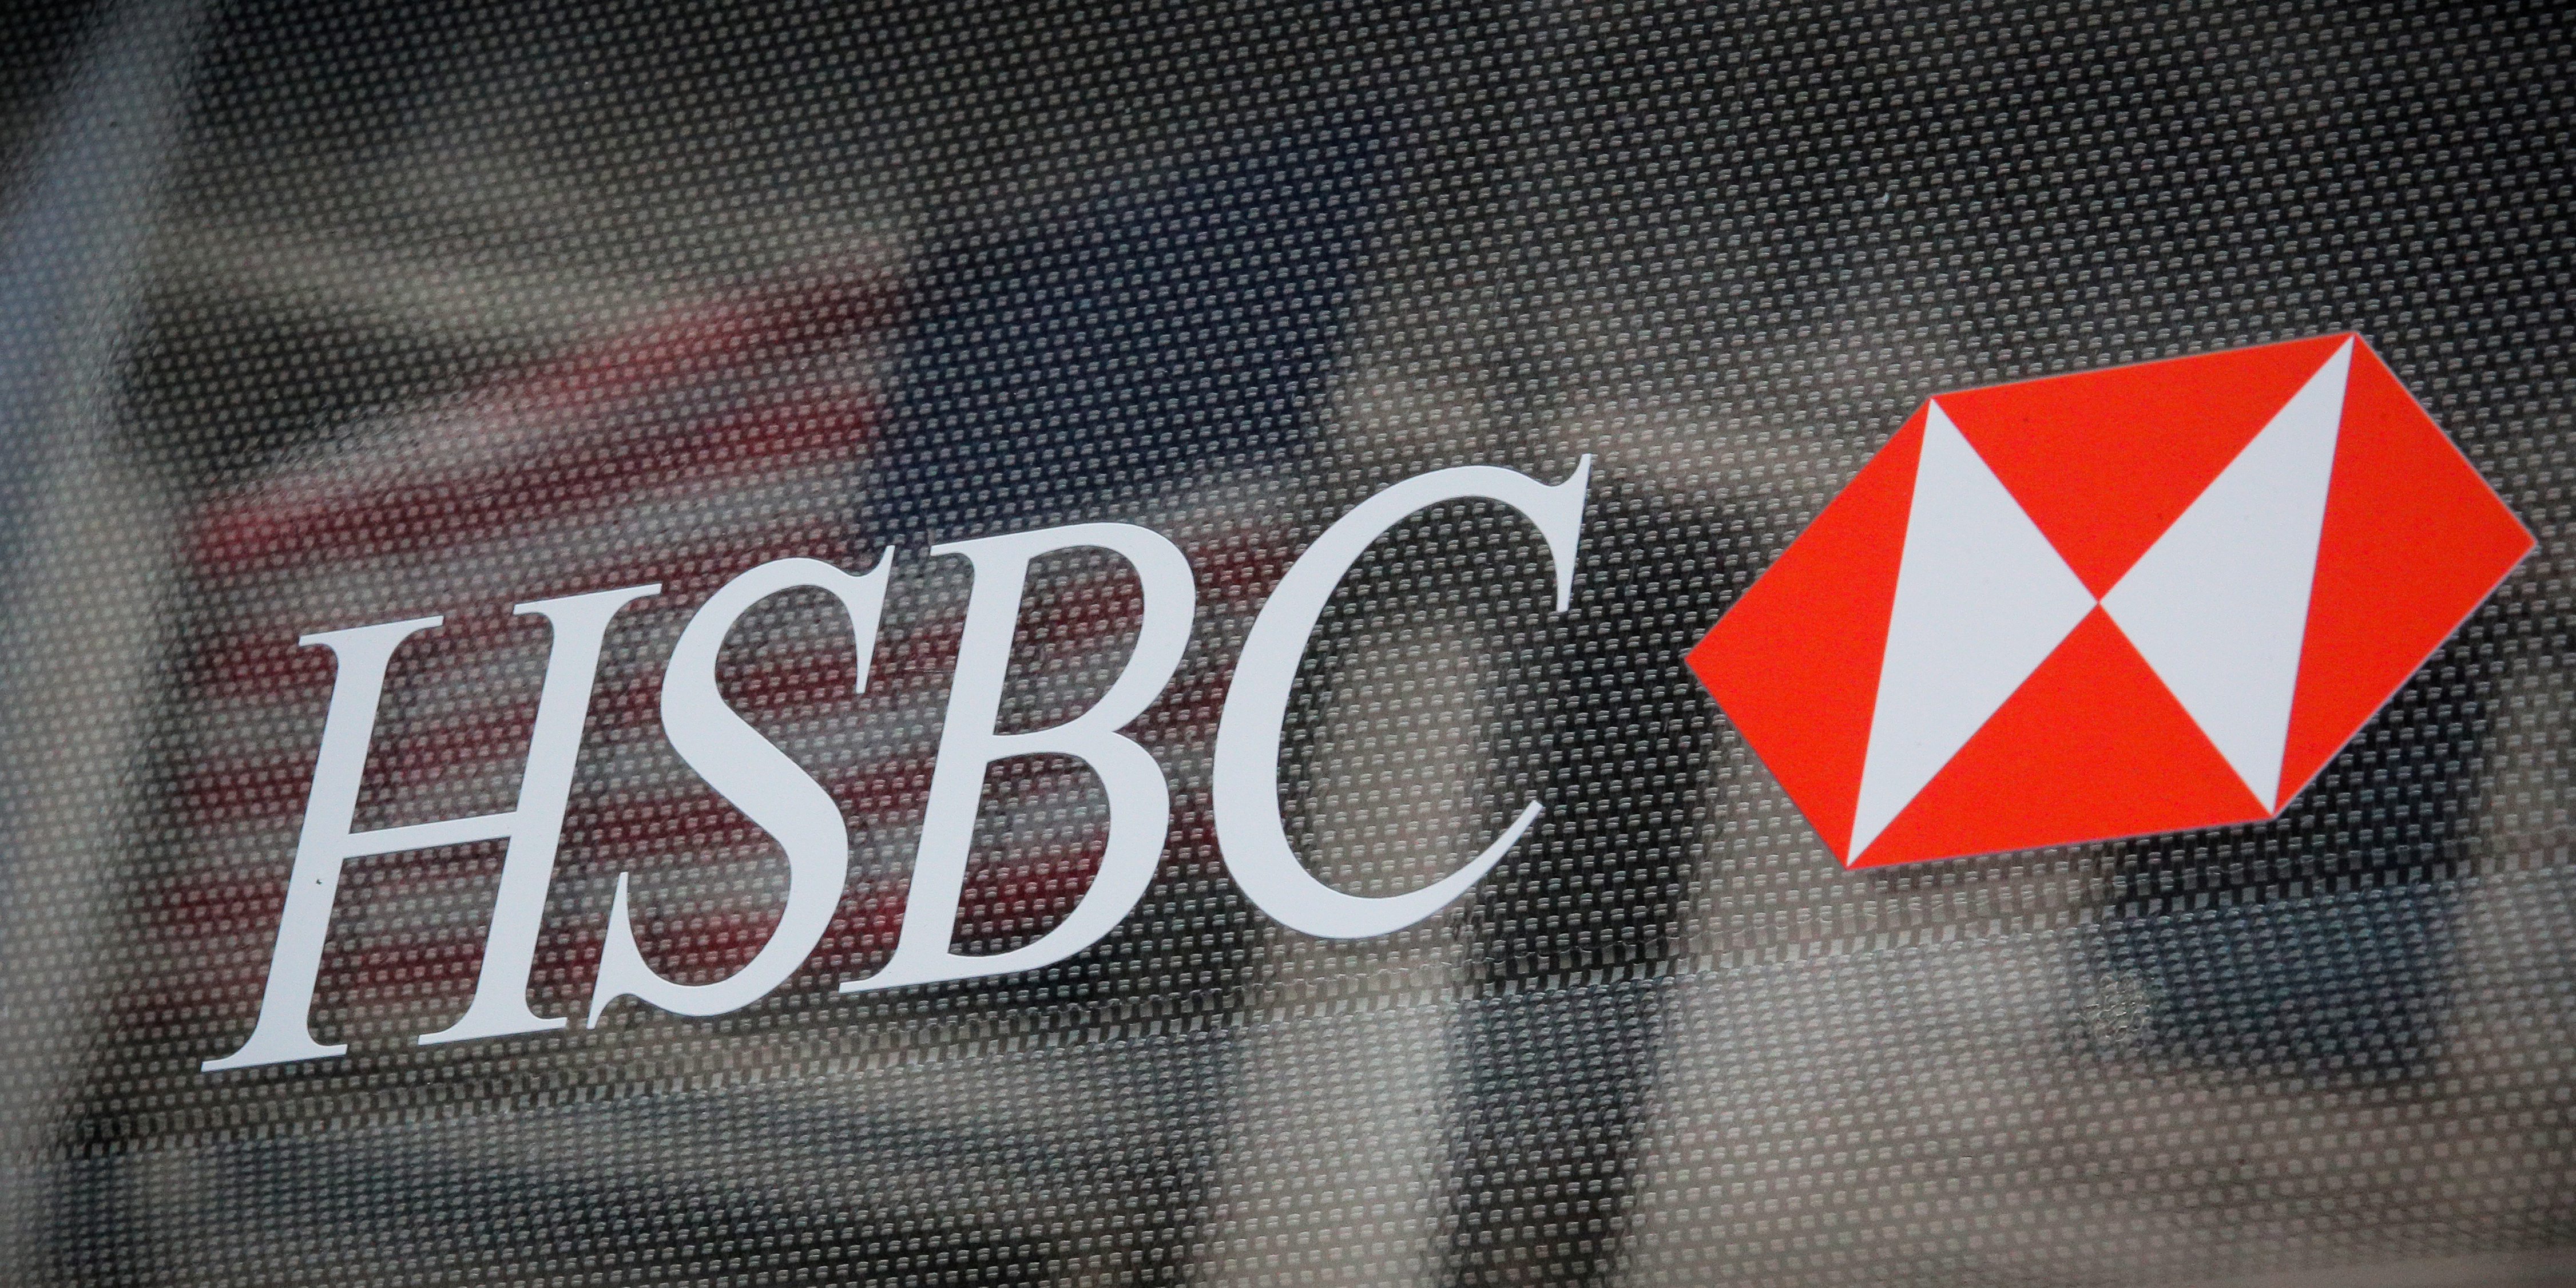 hsbc-france-va-ouvrir-des-discussions-sur-la-vente-de-la-banque-de-detail